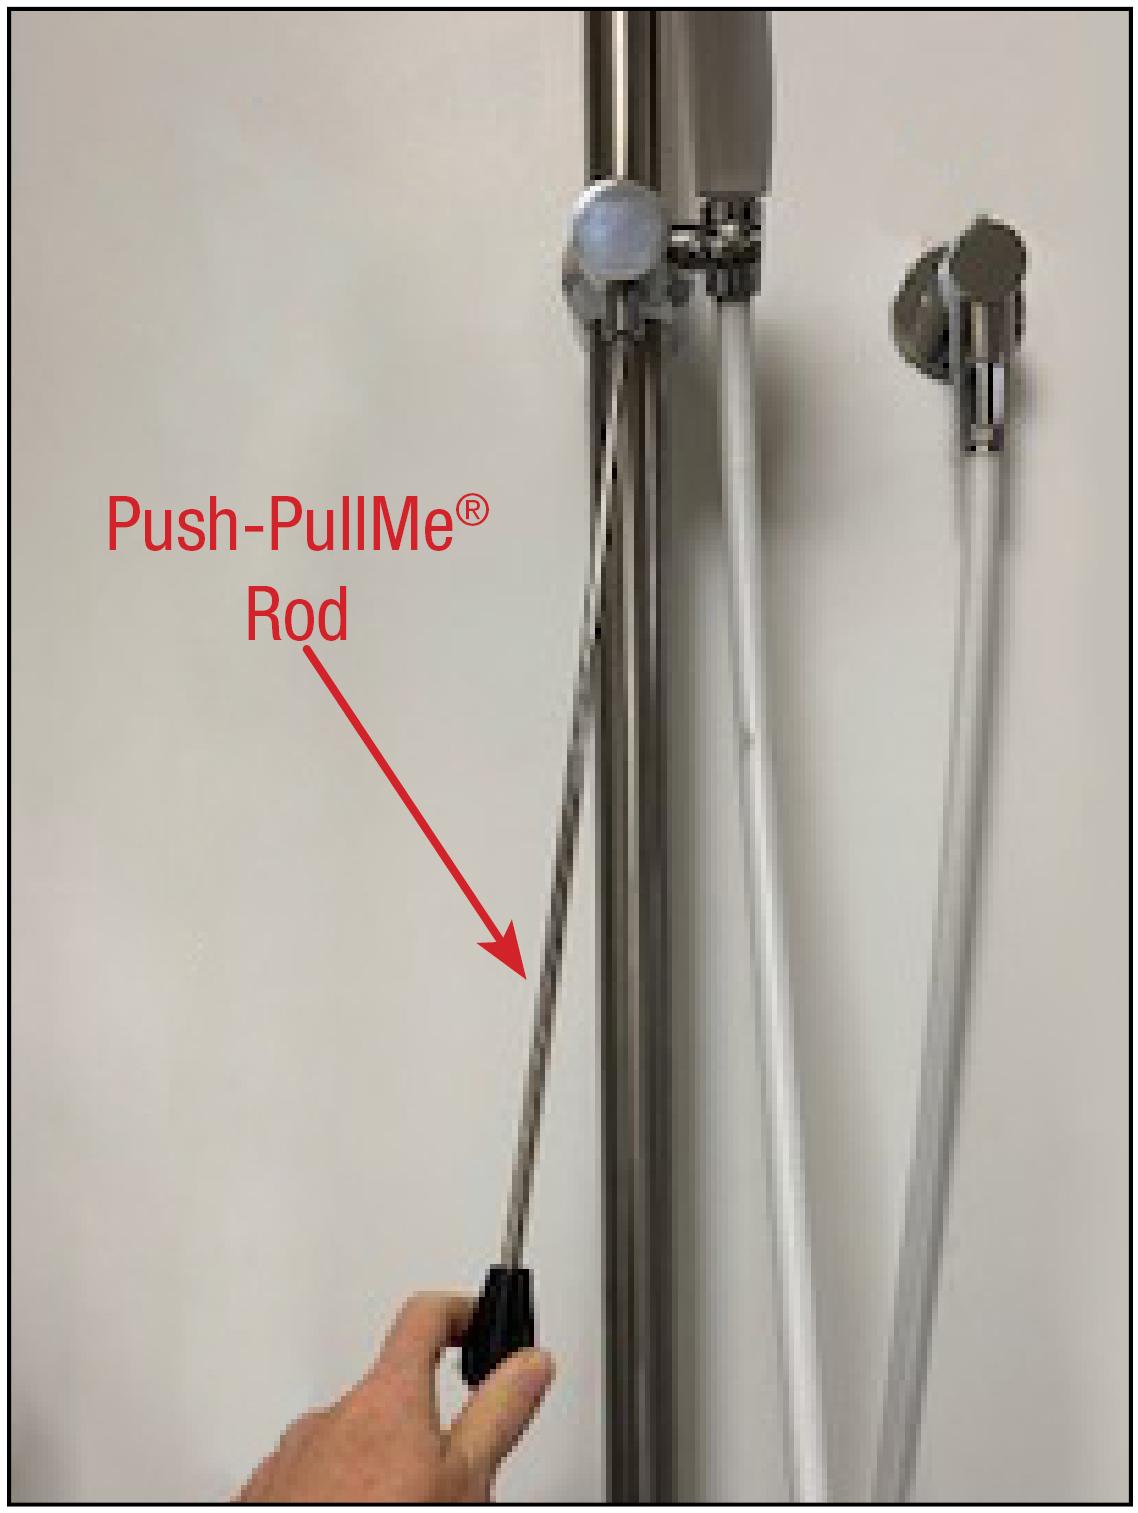 Con-Serv PushPullMe Rod